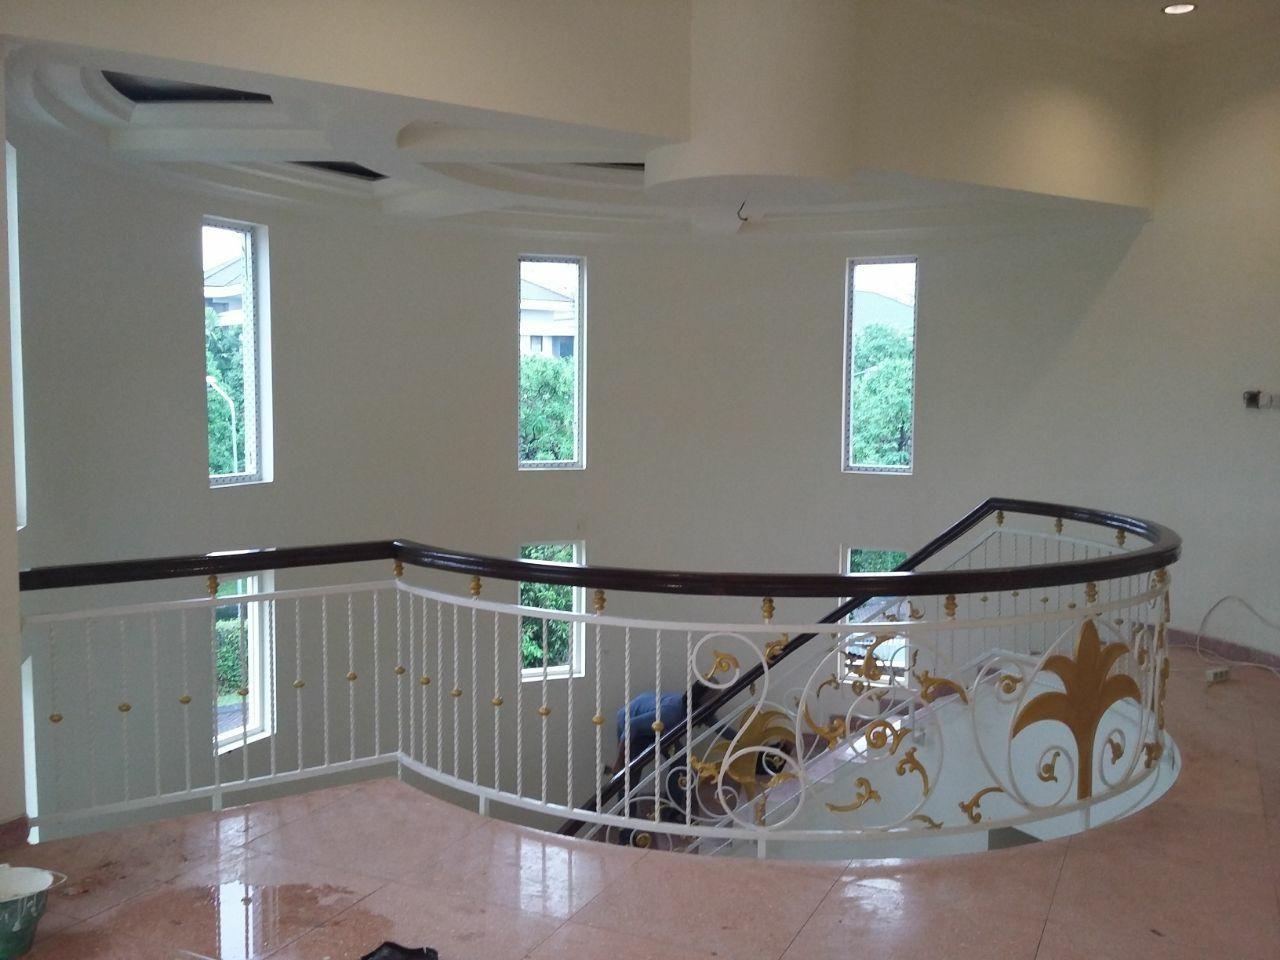 Jasa Pembuatan Railing Tangga Balkon 085732141033 Jasa Pasang Pembuatan Canopy Pagar Tangga Kusen Minimalis Rumah Tangga Minimalis